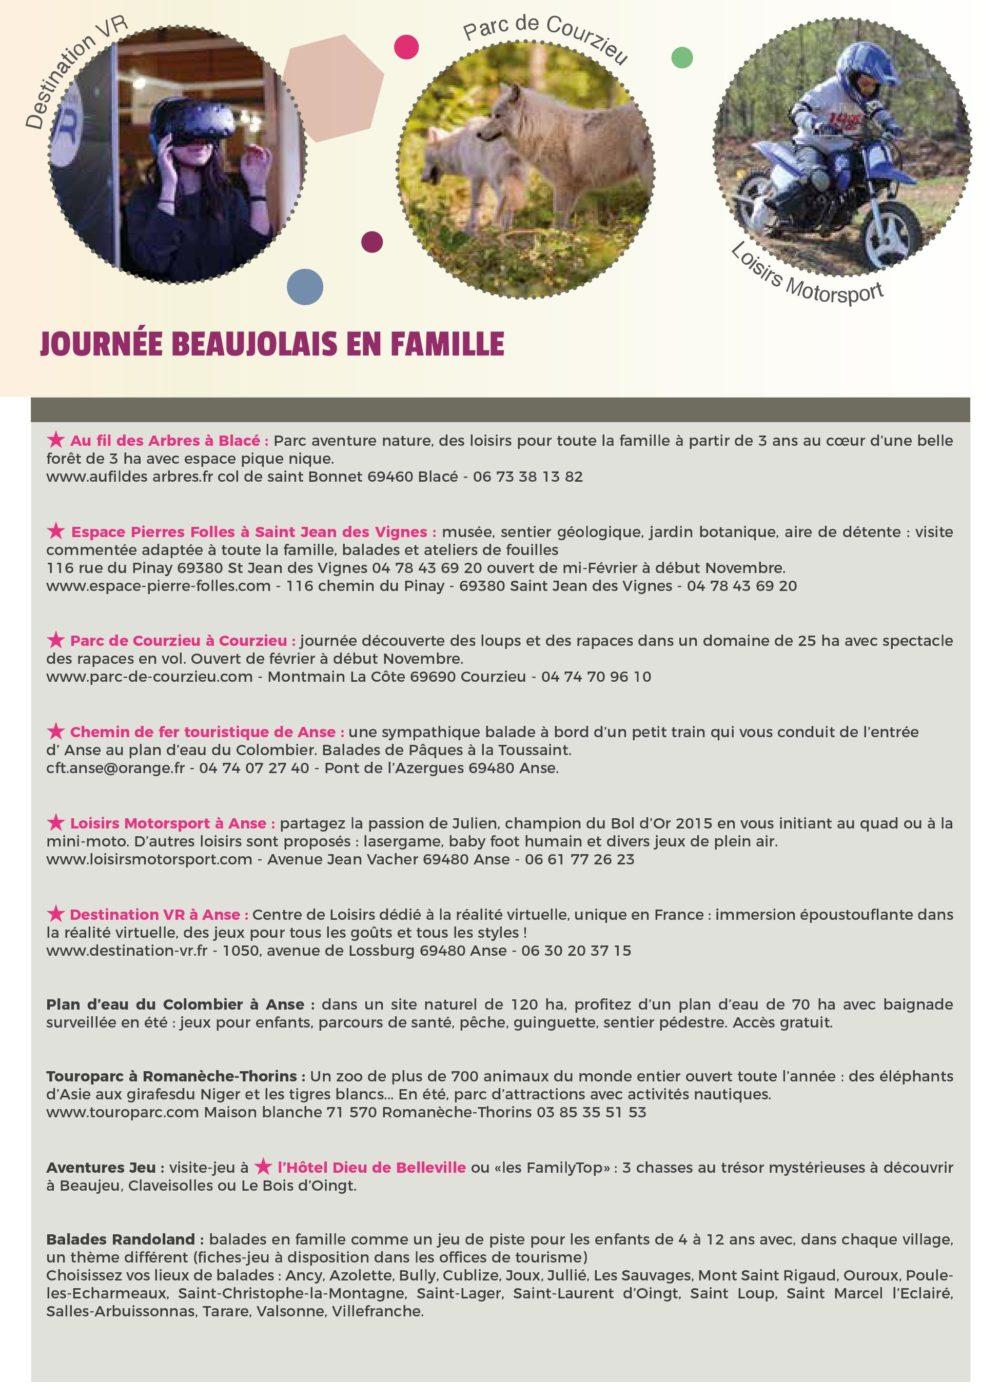 carnet de voyage 2019 - beaujolais - page 9